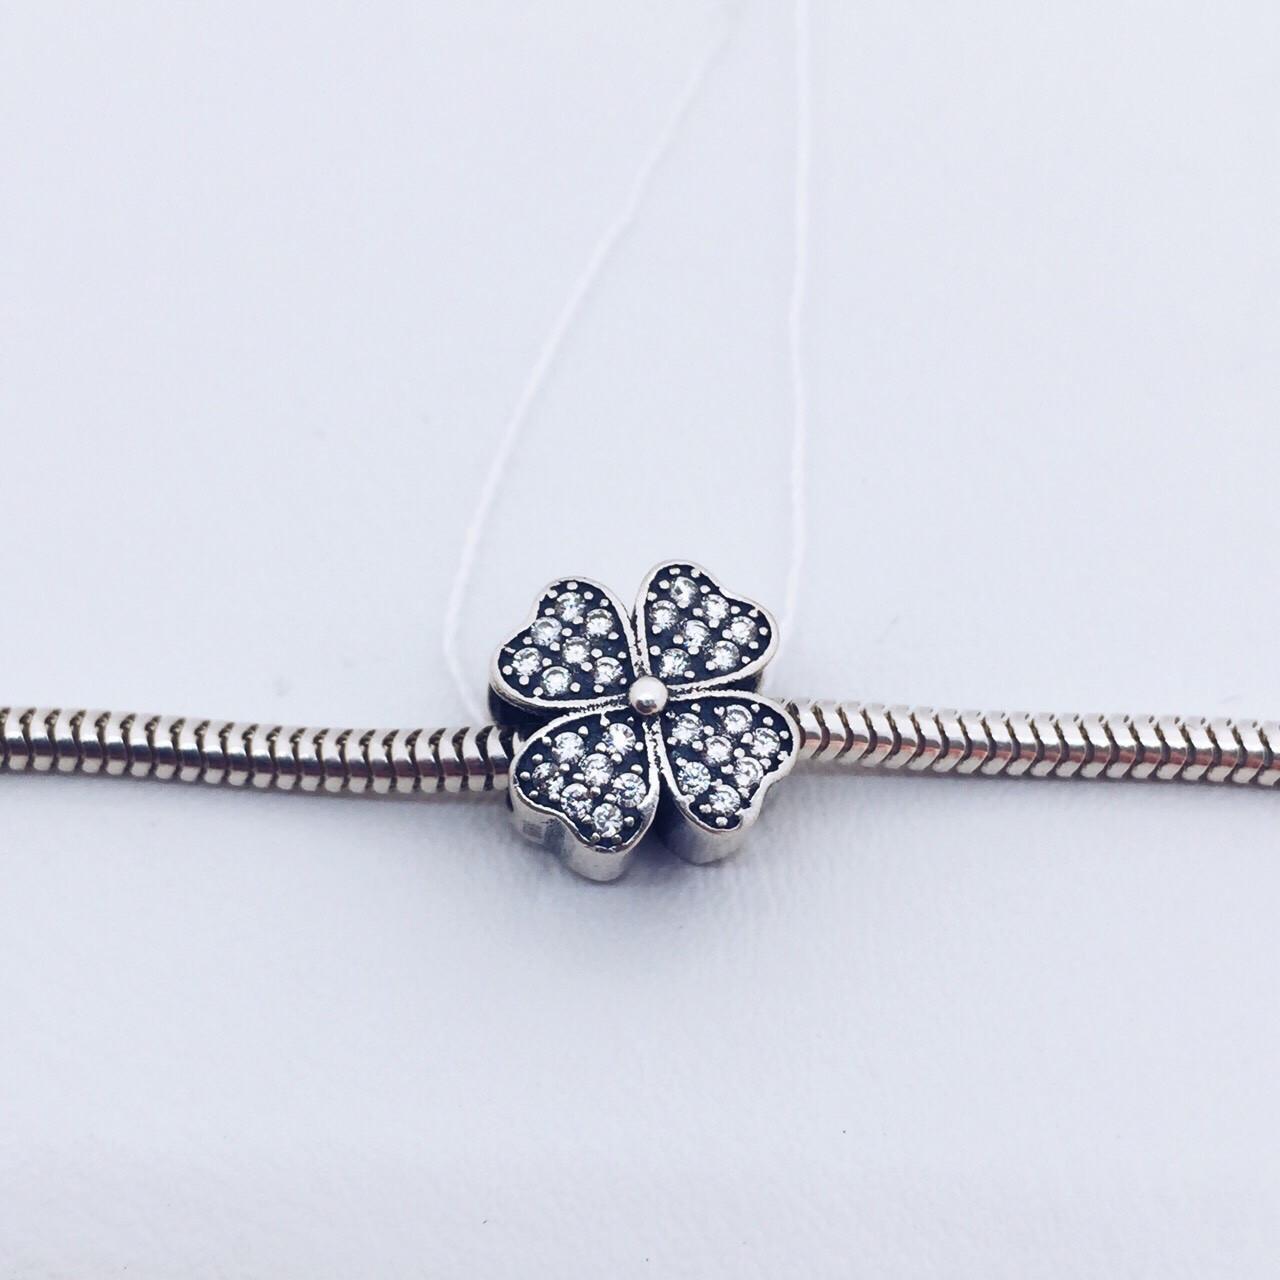 Серебряное украшение Шарм цветок в камнях